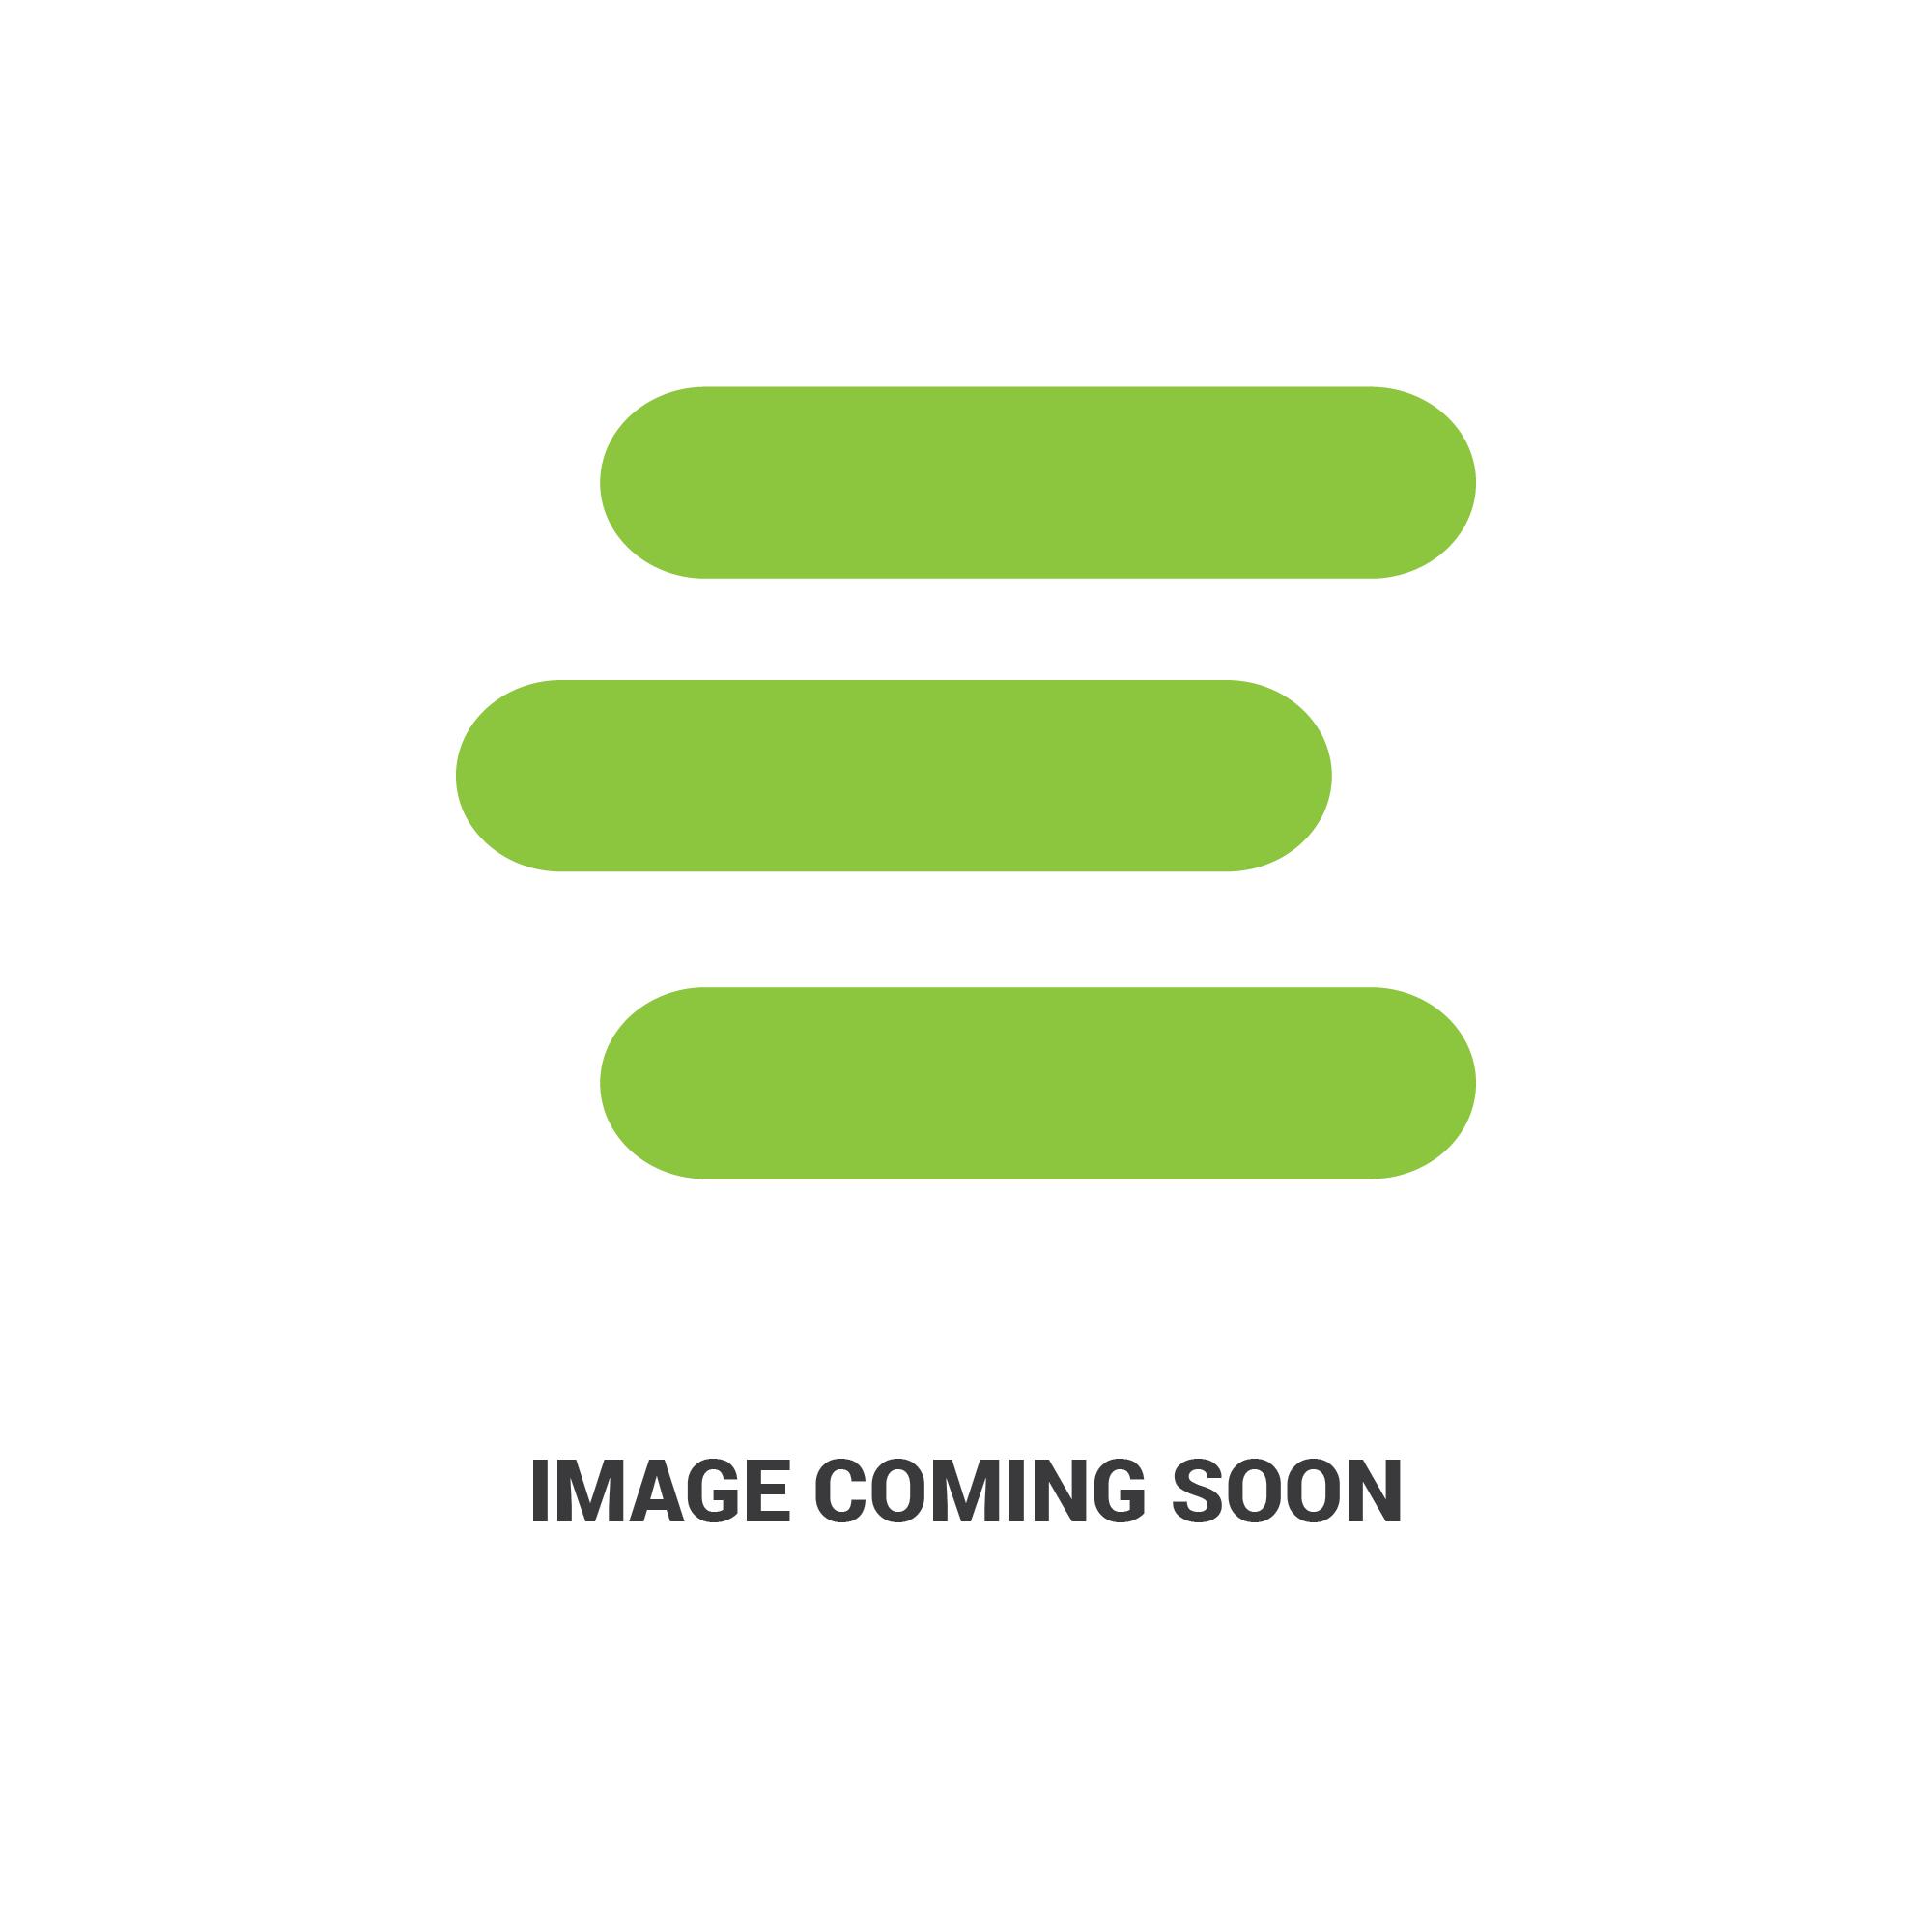 E-6C040-18290edit 262.jpg